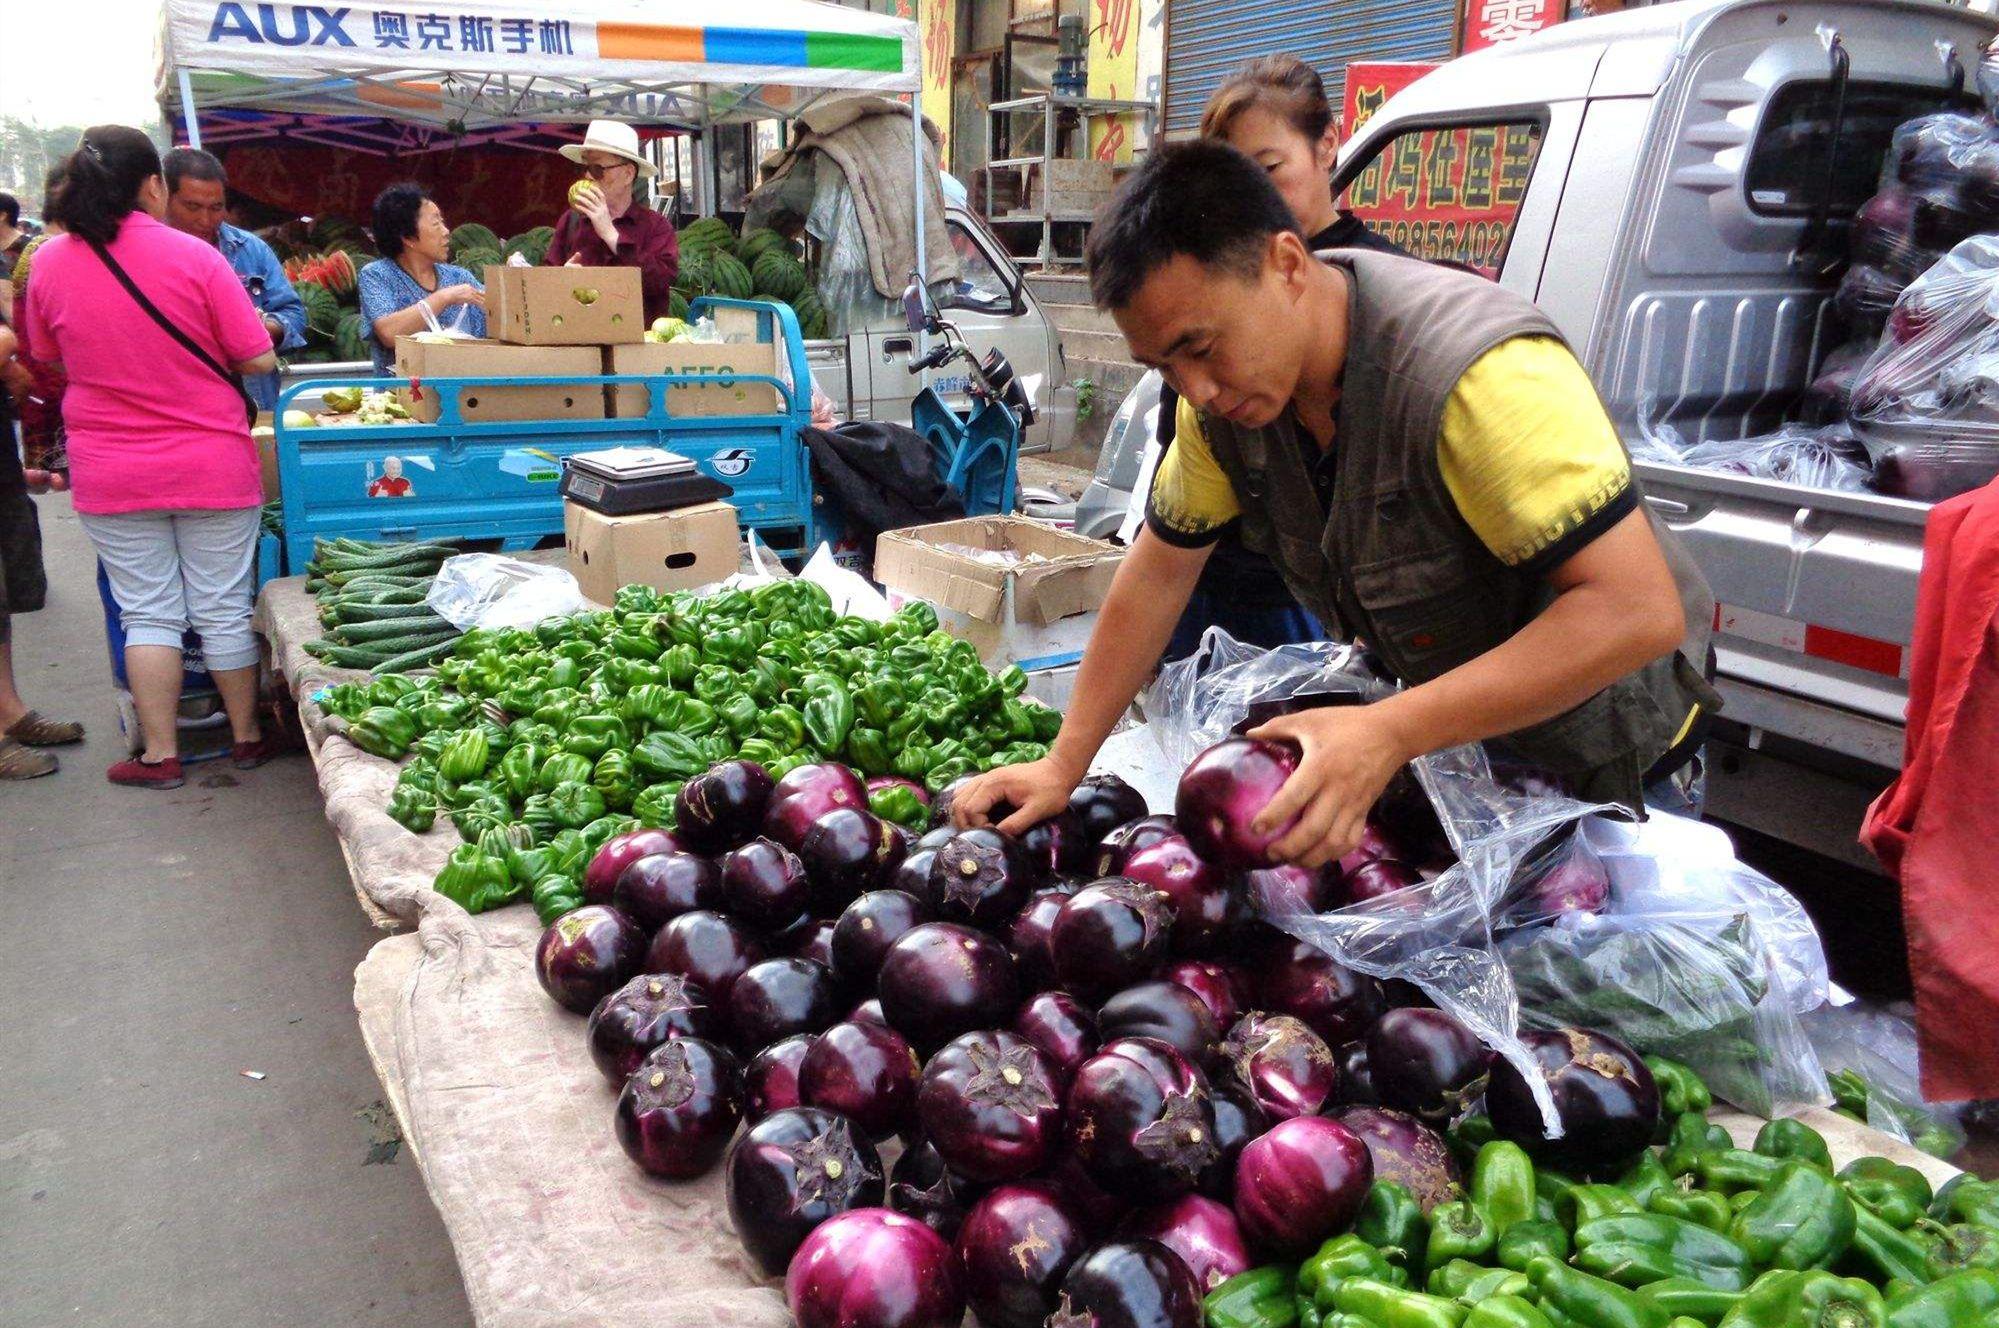 世界上有六个菜市场,在当地有地标的作用,深受人们的喜爱